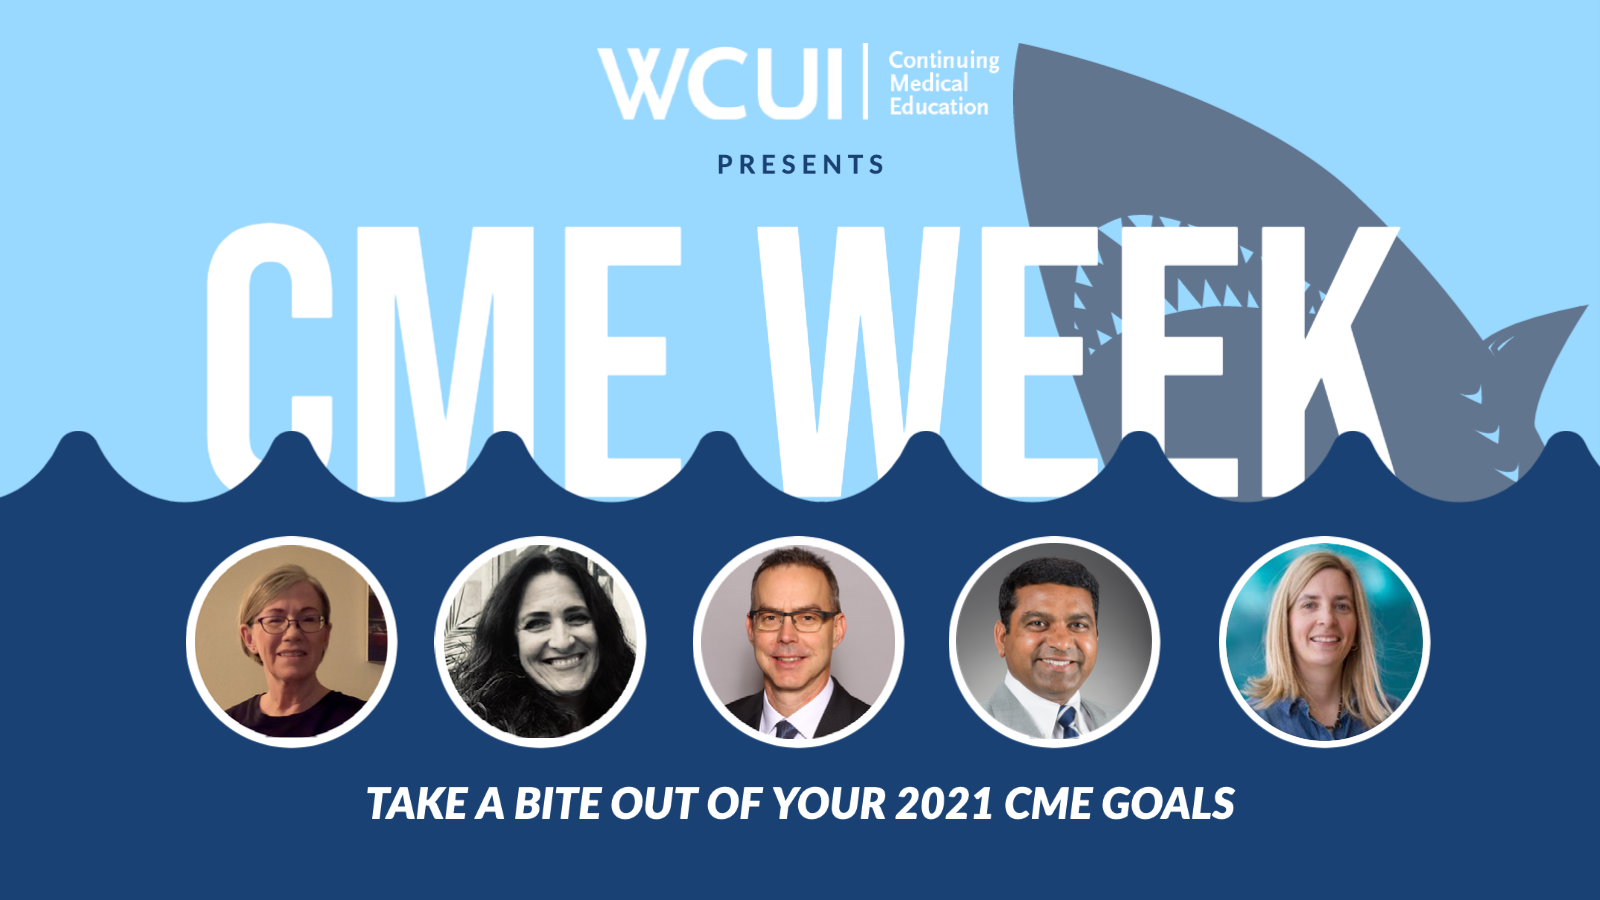 WCUI's CME Division Annual CME Week Feb 1-5